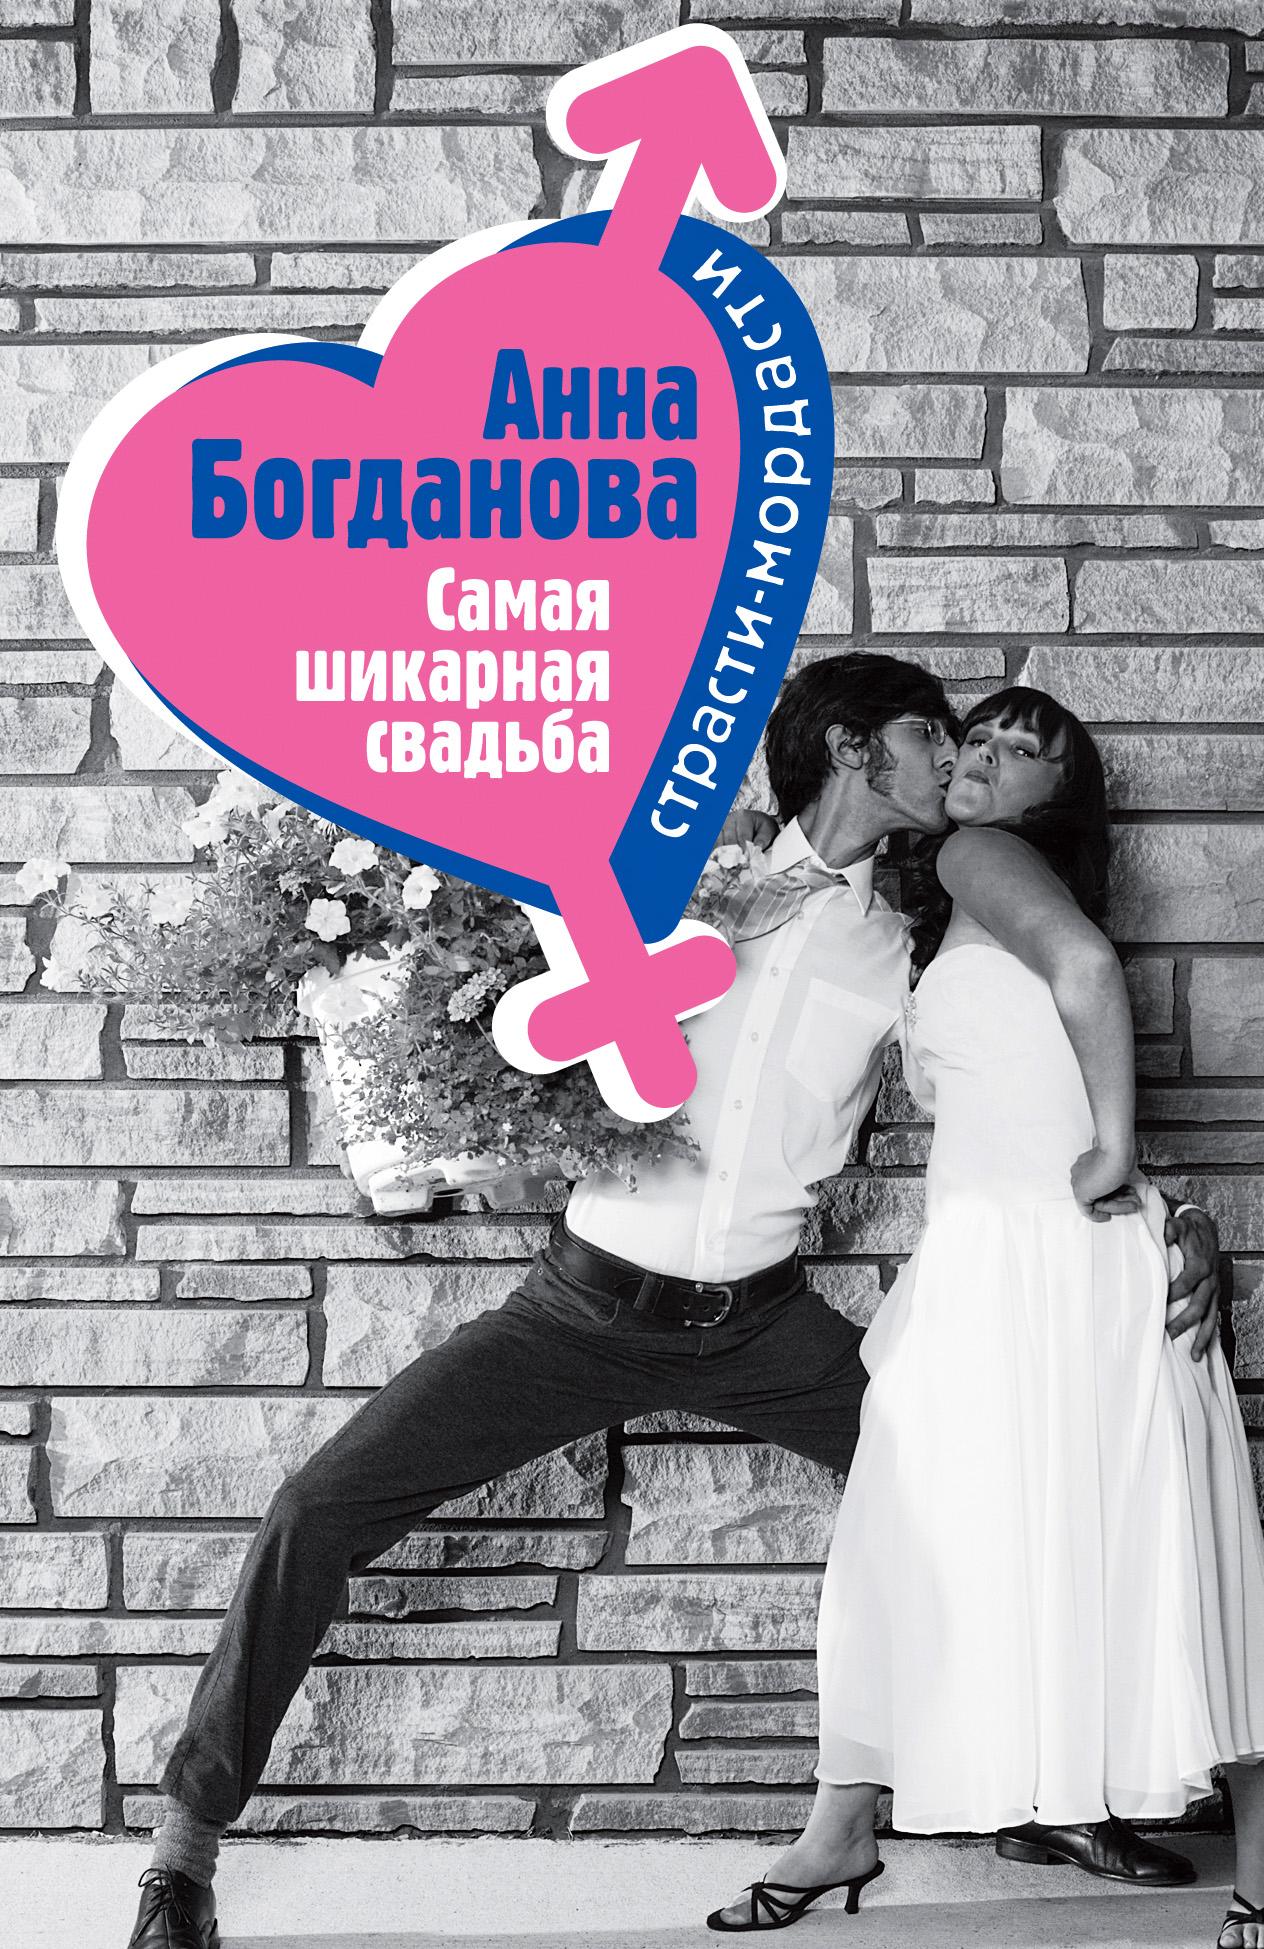 Анна Богданова Самая шикарная свадьба богданова а самая шикарная свадьба